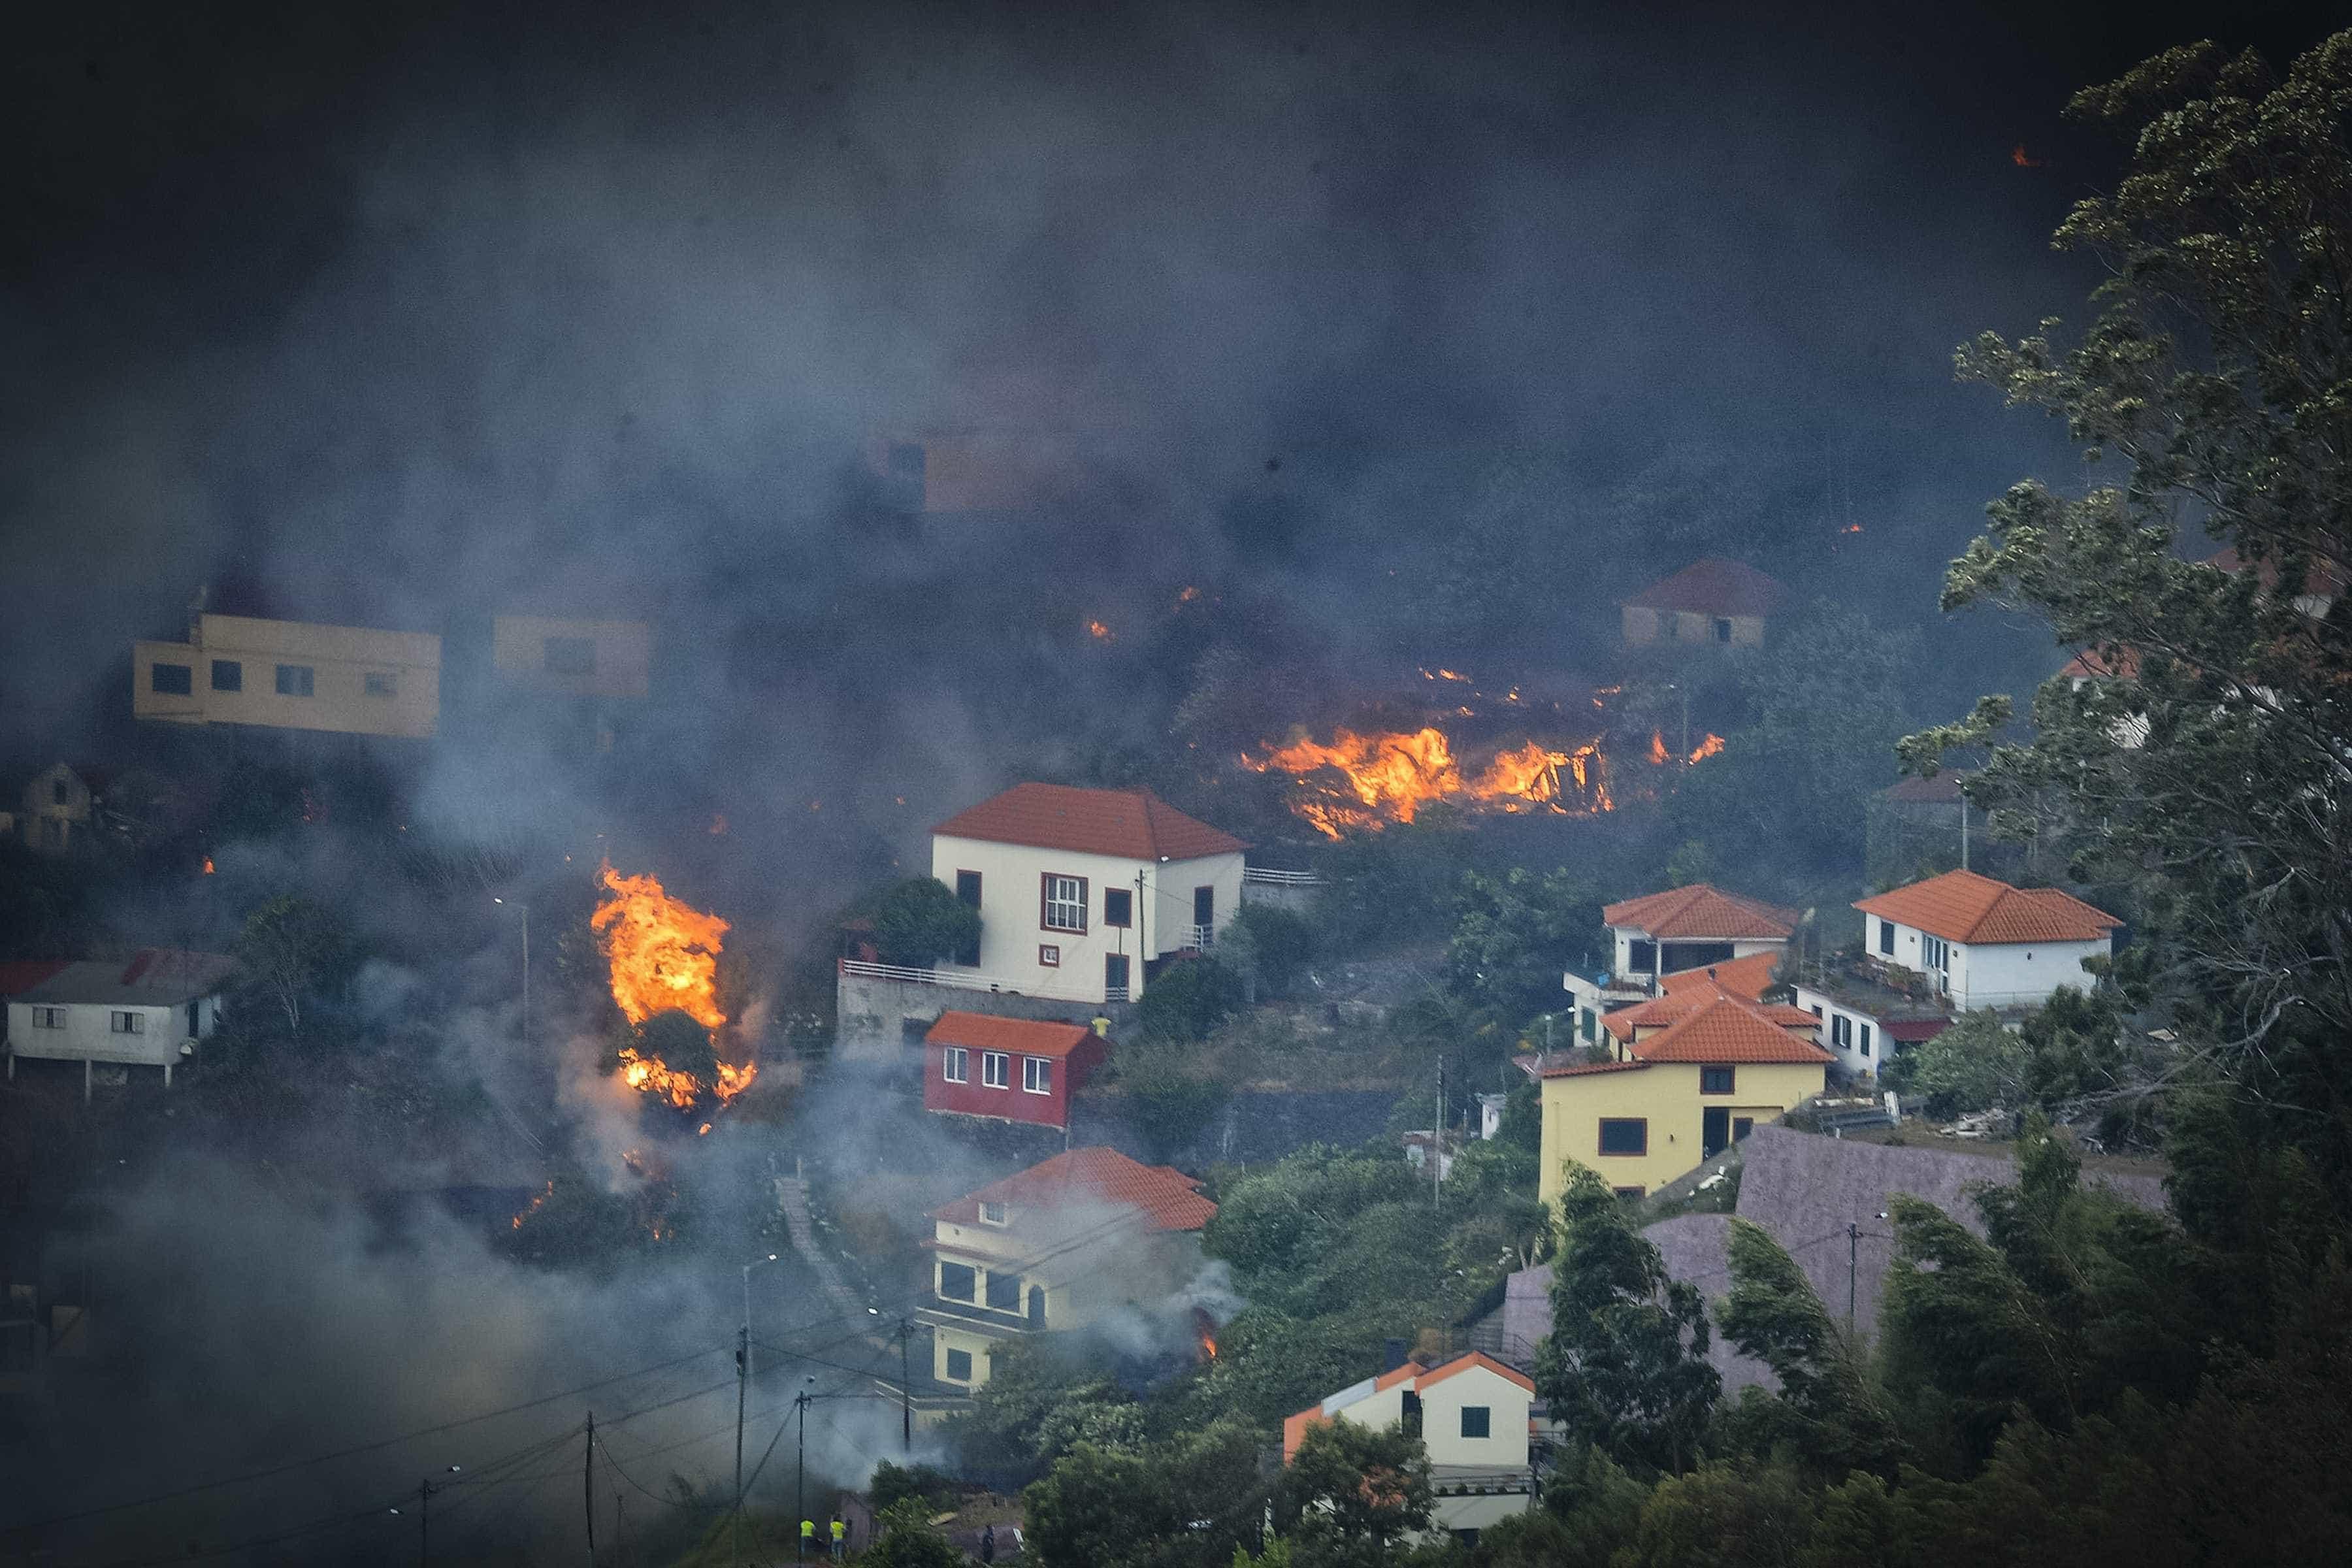 Parques de madeira queimada apenas com 6% de capacidade utilizada